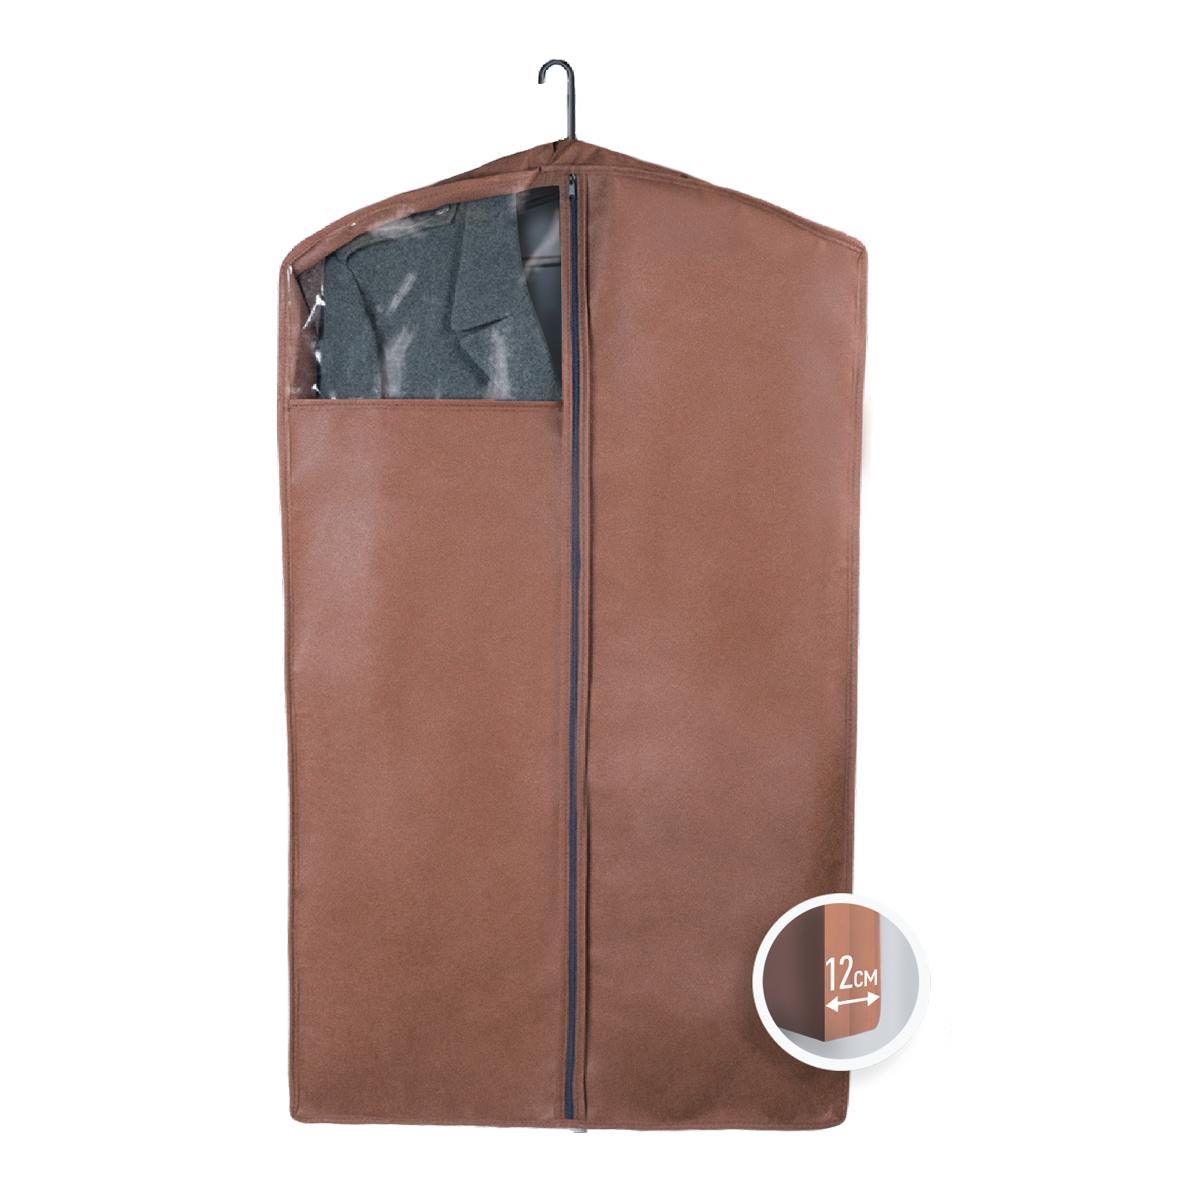 Чехол для верхней одежды Miolla, цвет: коричневый, 100 х 60 х 12 смCHL-3-3Чехол для верхней одежды 100 x 60 x 12 см коричневый